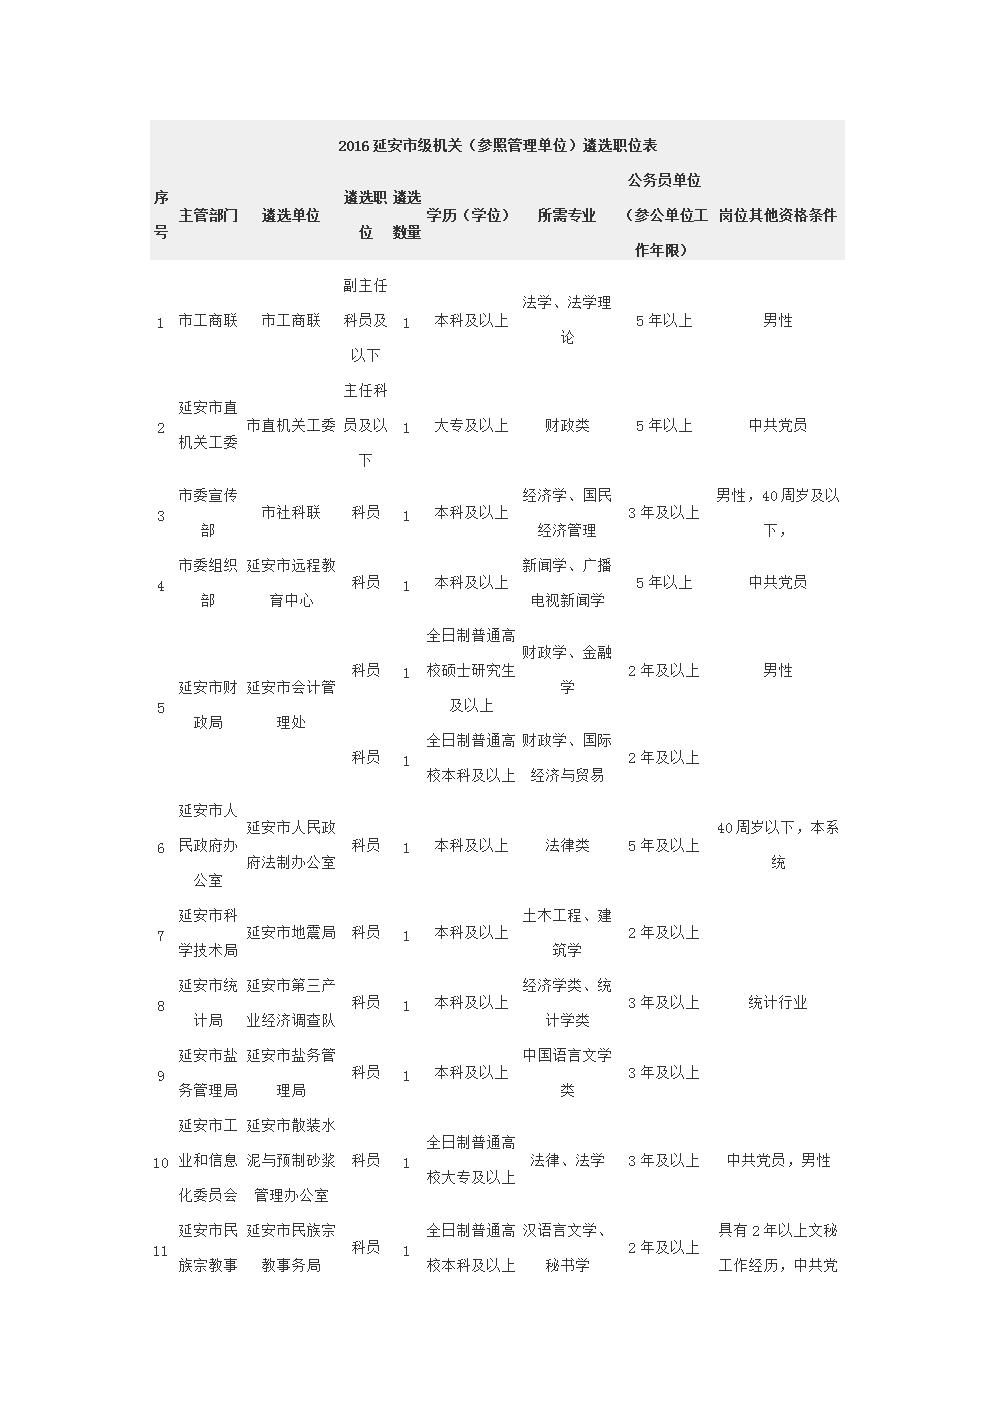 2016延安级机关参照管理单位遴选职位表.doc